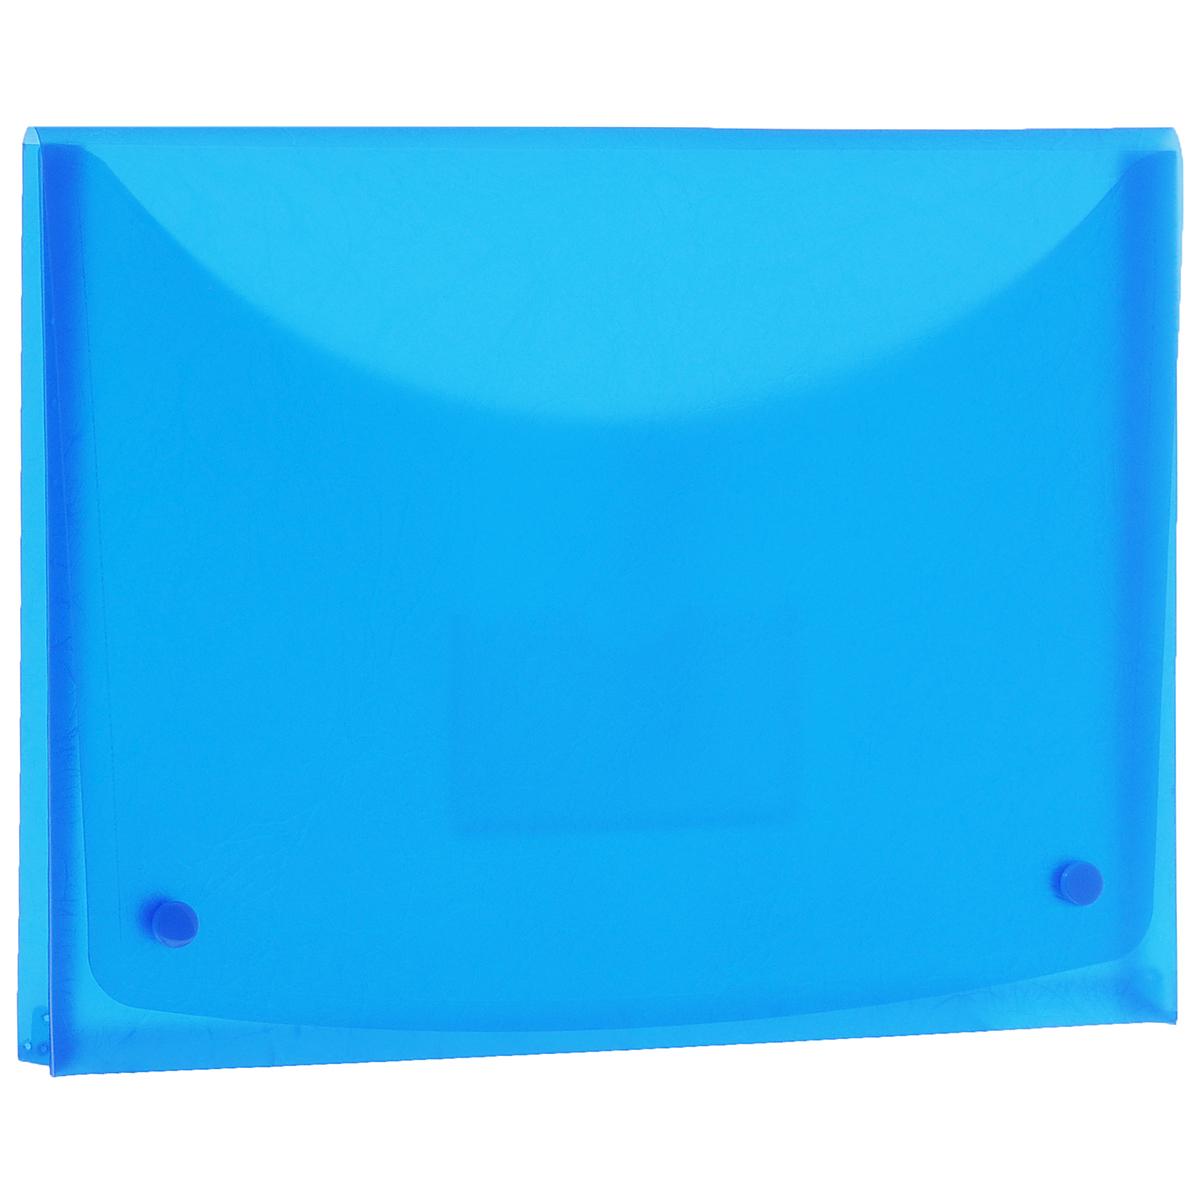 Папка-конверт Centrum Soft Touch, на 2 кнопках, цвет: синий. Формат А484016СПапка-конверт Centrum Soft Touch станет вашим верным помощником дома и в офисе. Это удобный и функциональный инструмент, предназначенный для хранения и транспортировки рабочих бумаг и документов формата А4. Папка изготовлена из прочного высококачественного пластика толщиной 0,4 мм и закрывается на широкий клапан с двумя кнопками. Под клапаном располагается прозрачный открытый карман для дискеты. Папка имеет специальную вырубку, облегчающую изъятие документов. Уголки имеют закругленную форму, что предотвращает их загибание и помогает надолго сохранить опрятный вид обложки. Папка оформлена тиснением под кожу. Папка - это незаменимый атрибут для любого студента, школьника или офисного работника. Такая папка надежно сохранит ваши бумаги и сбережет их от повреждений, пыли и влаги.